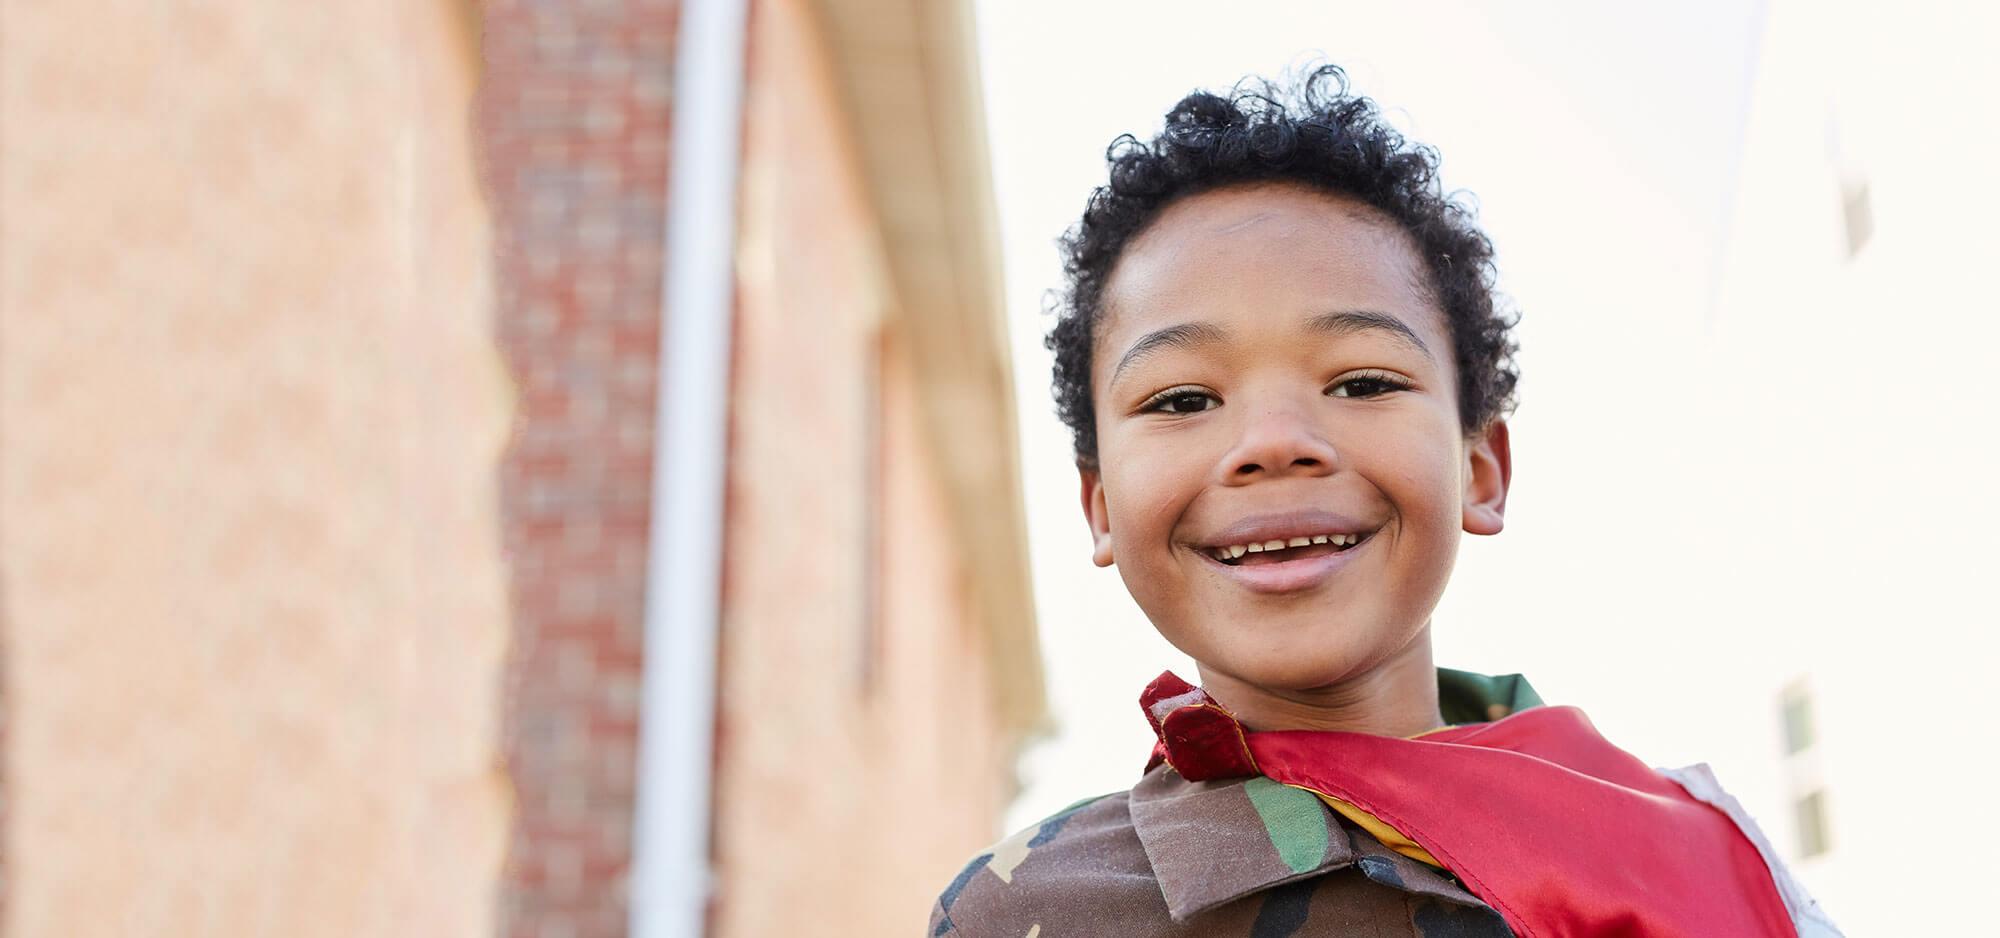 Little boy in cape smiling